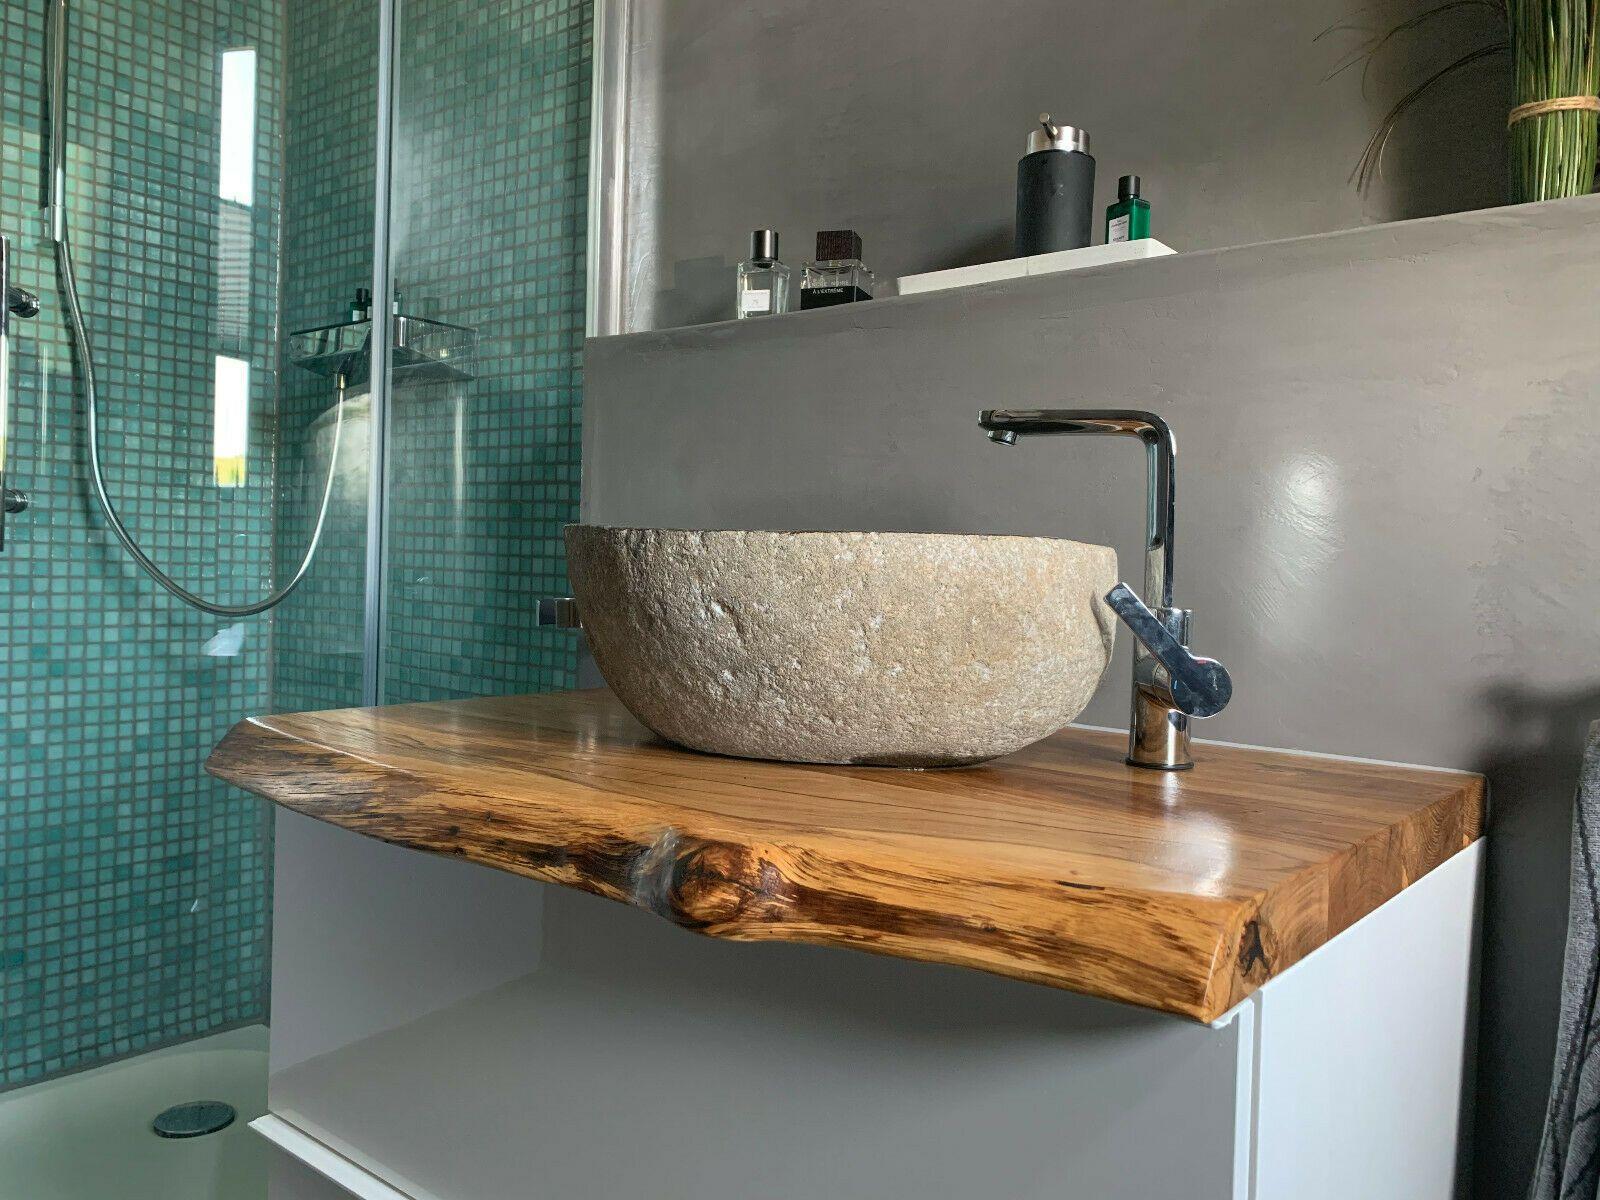 Waschtischplatte Aufsatz Eiche Massivholzplatte Baumkante Waschtisch Regal Ebay Waschtischplatte Holz Waschtischplatte Waschtisch Holz Eiche